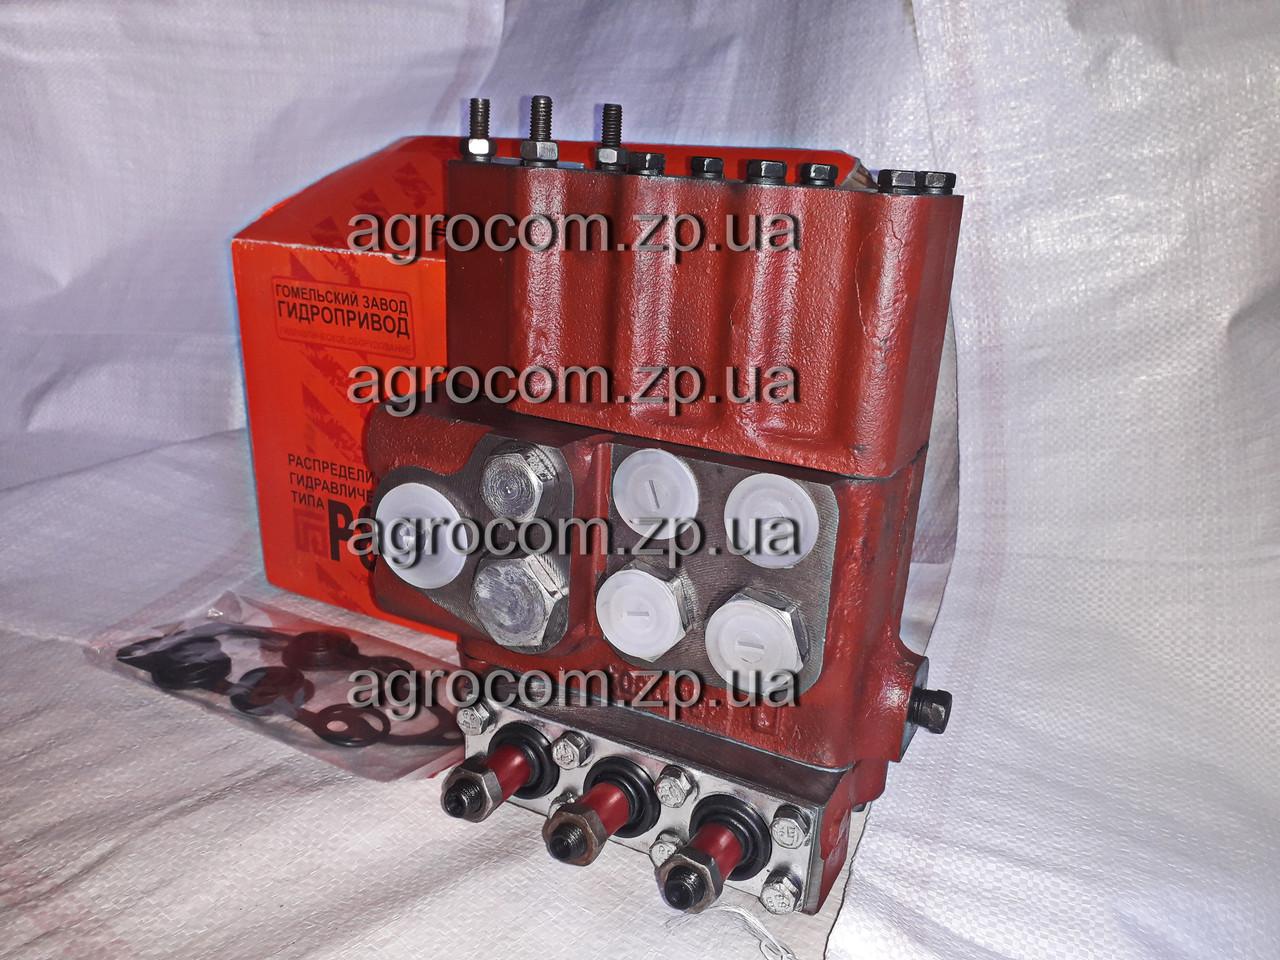 Распределитель Р80-3/1-222 для МТЗ-80, Т-40 (Гидрораспределитель). Беларусь